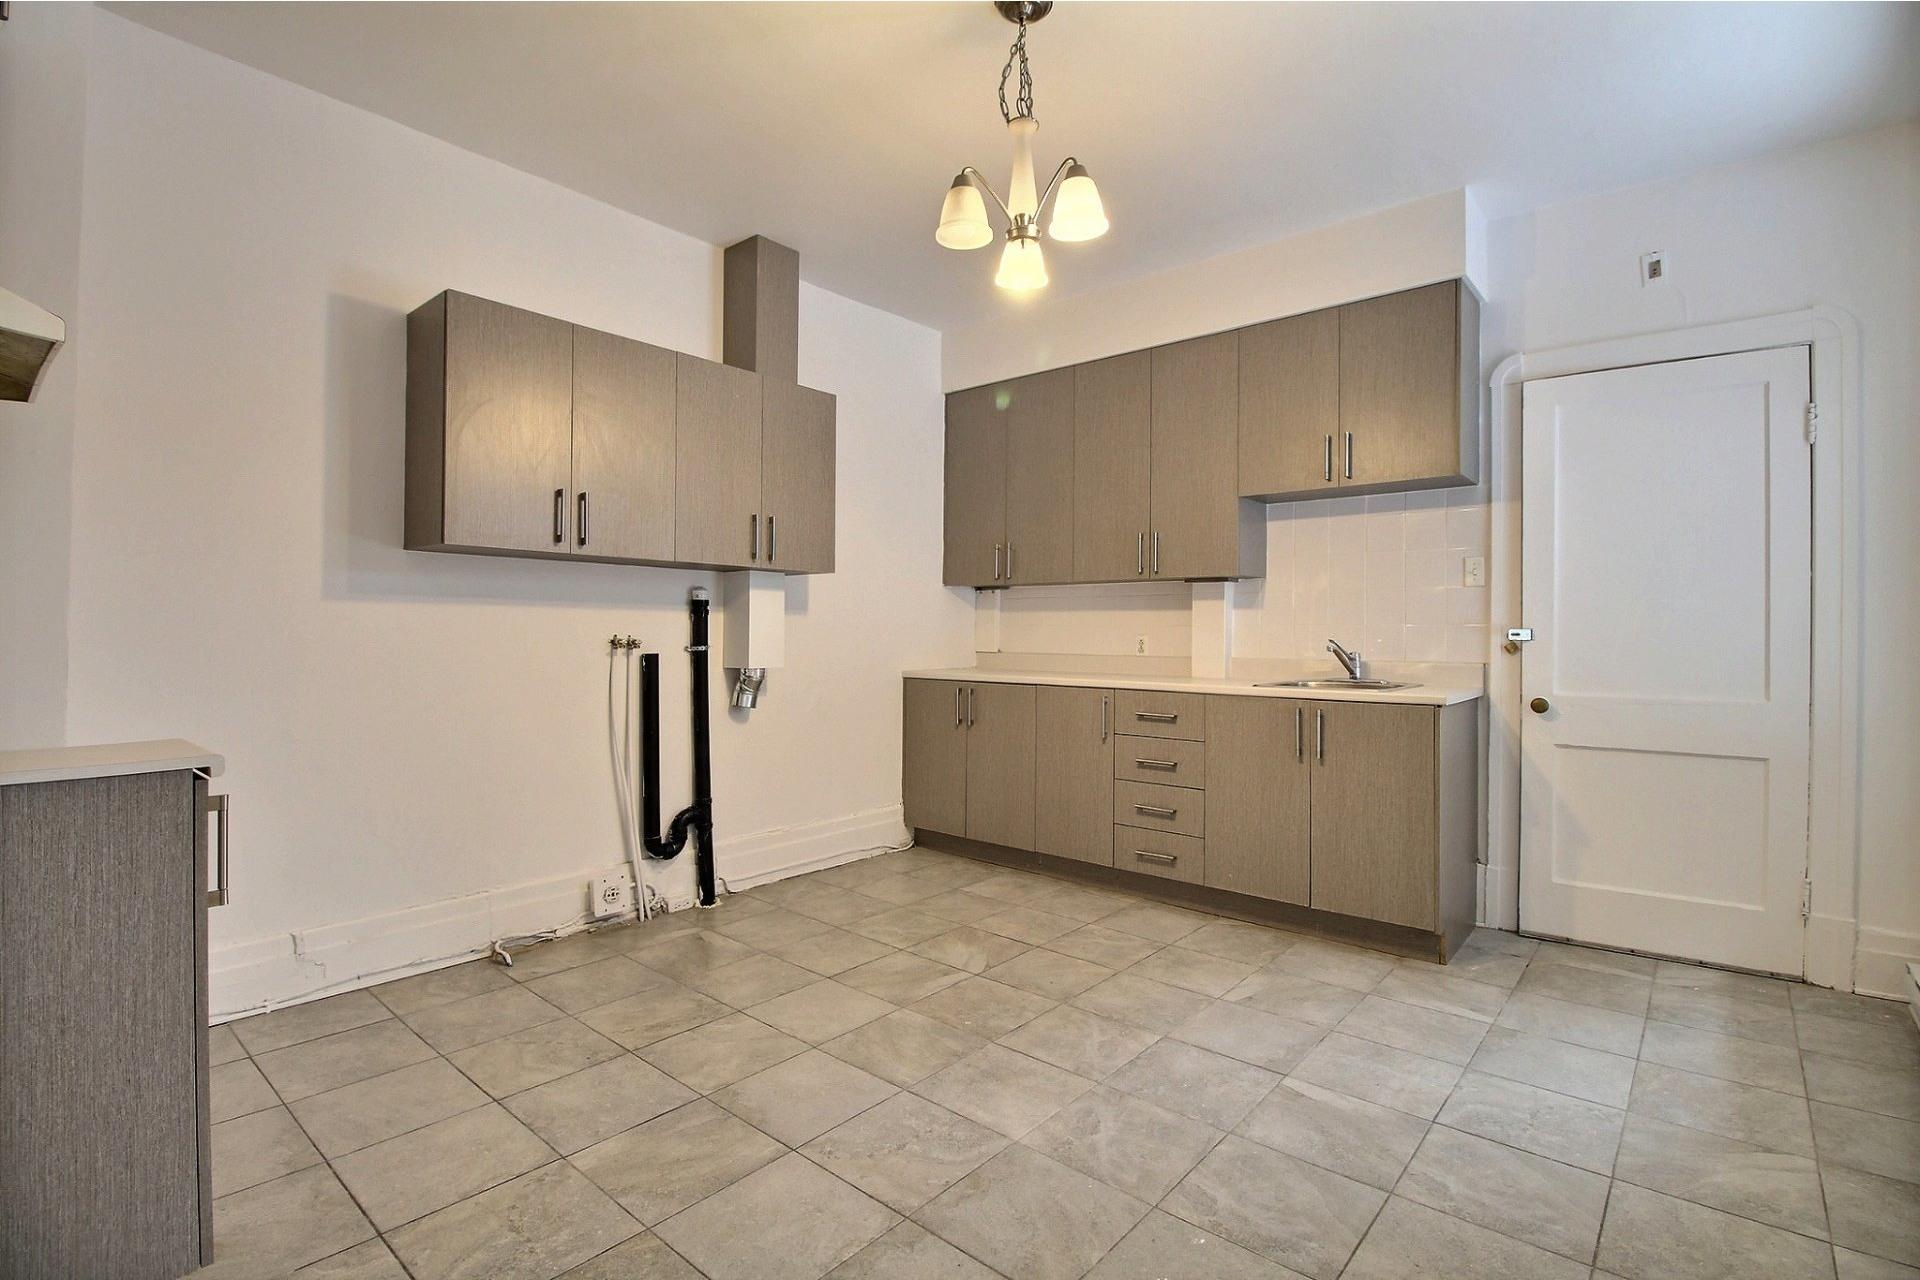 image 7 - Appartement À louer Rosemont/La Petite-Patrie Montréal  - 8 pièces